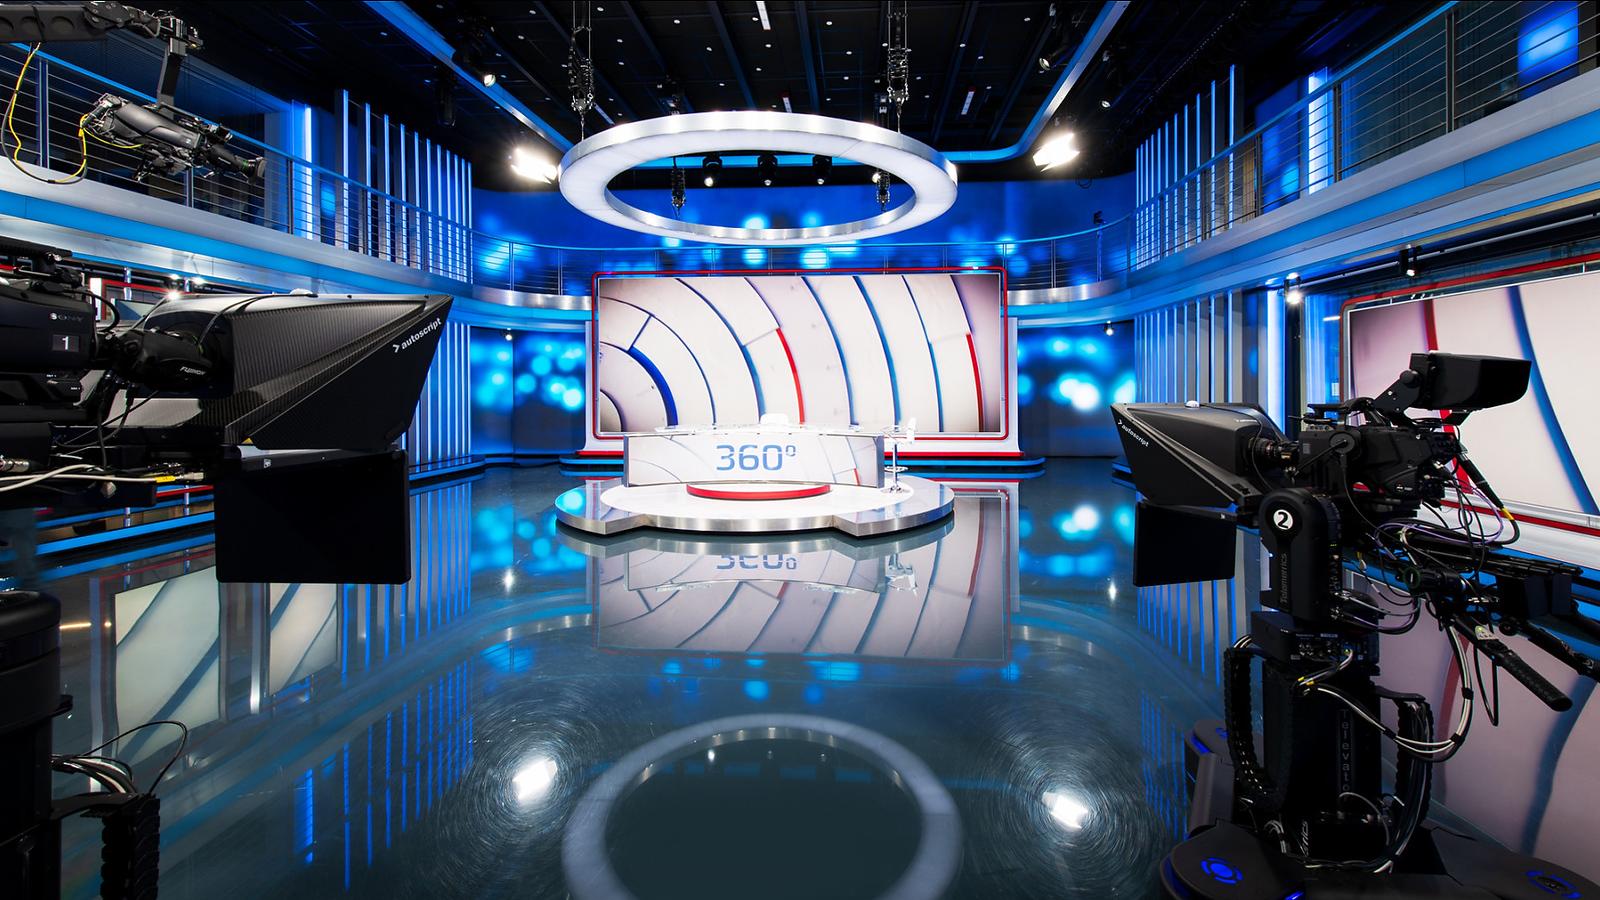 NCS_CNN-Prima-News-Broadcast-studio_06